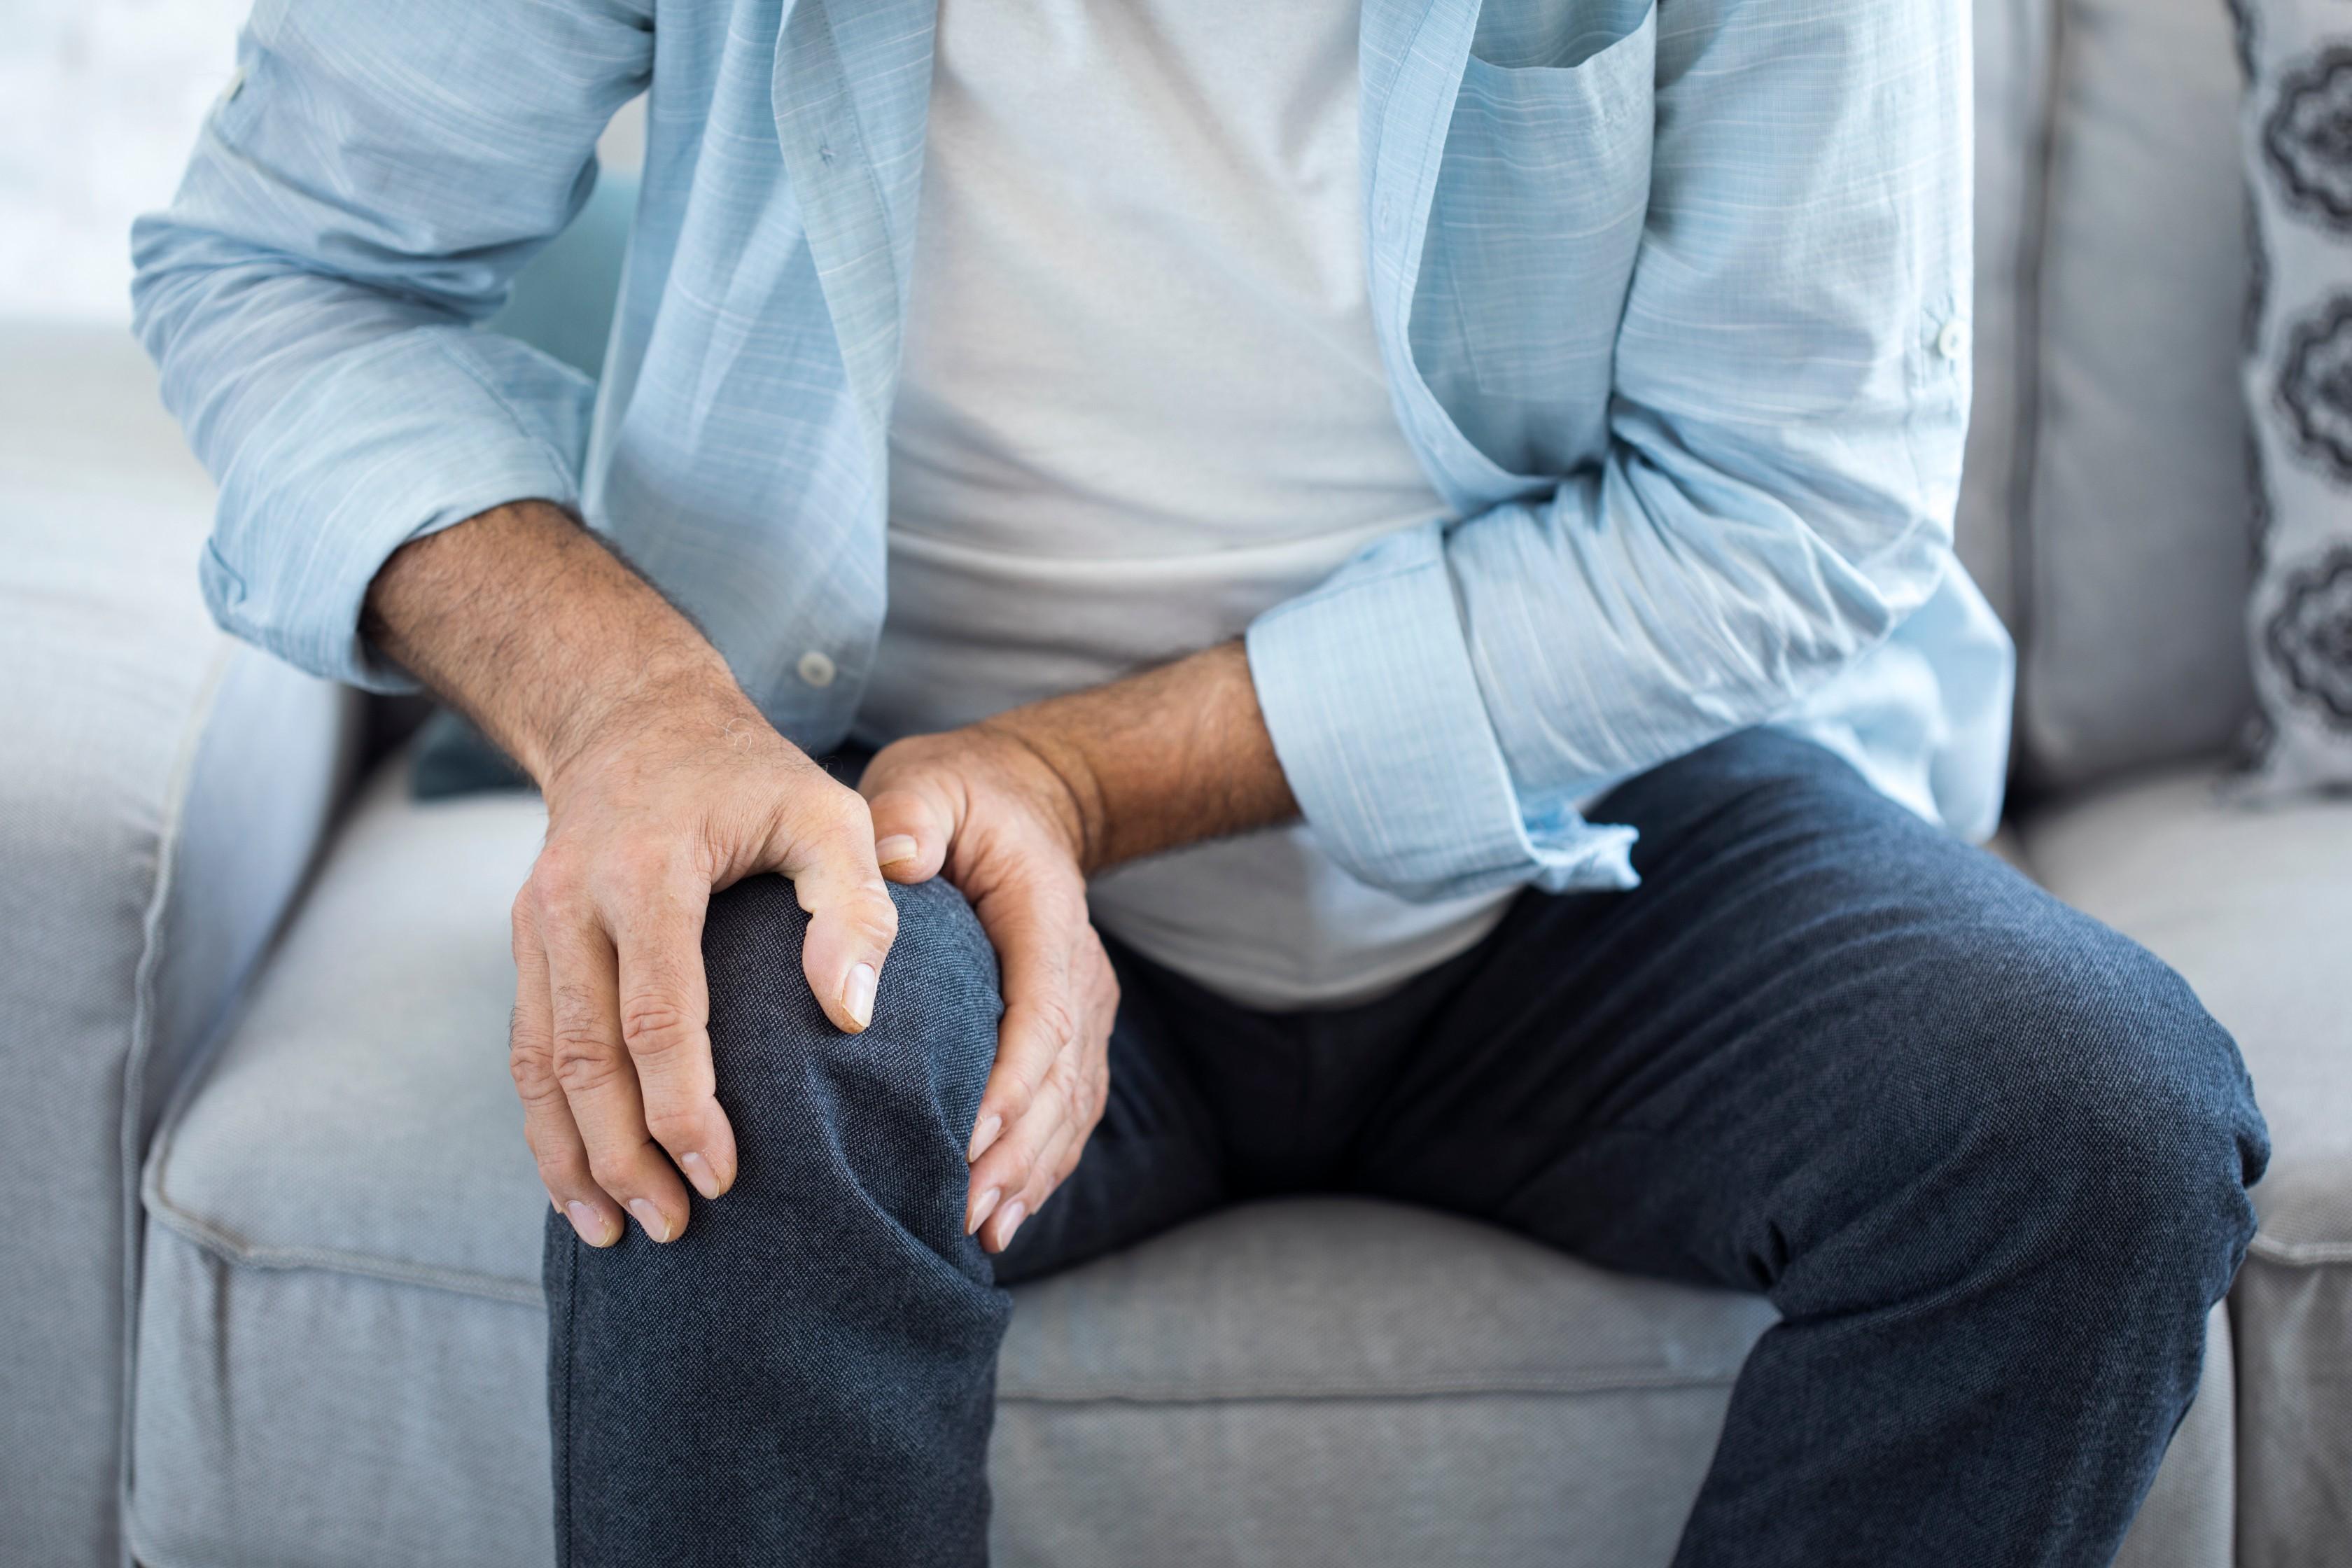 az ízületek és a lábak izmai fájnak, mit kell tenni